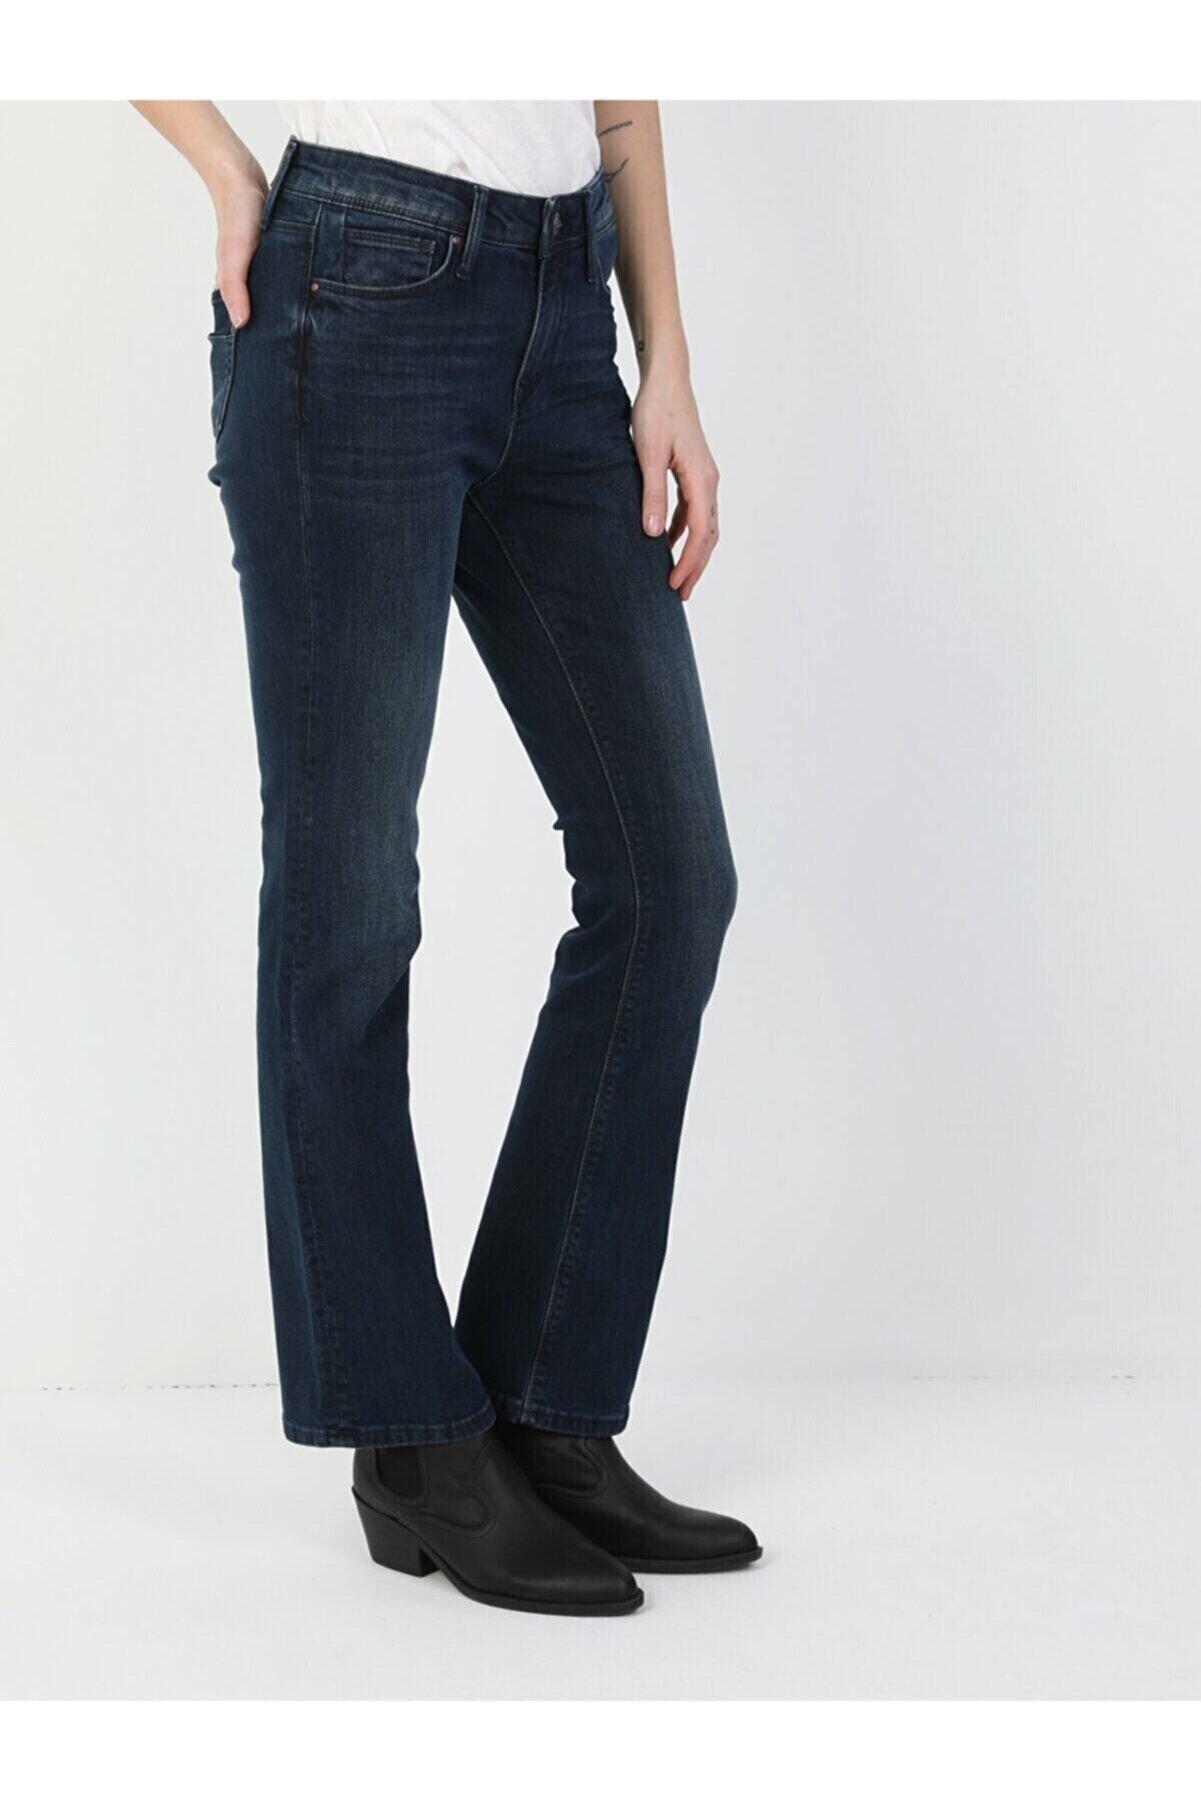 Colin's KADIN 791 Monıca Orta Bel Rahat Paça Regular Fit Kadın Jean Pantolon CL1048930